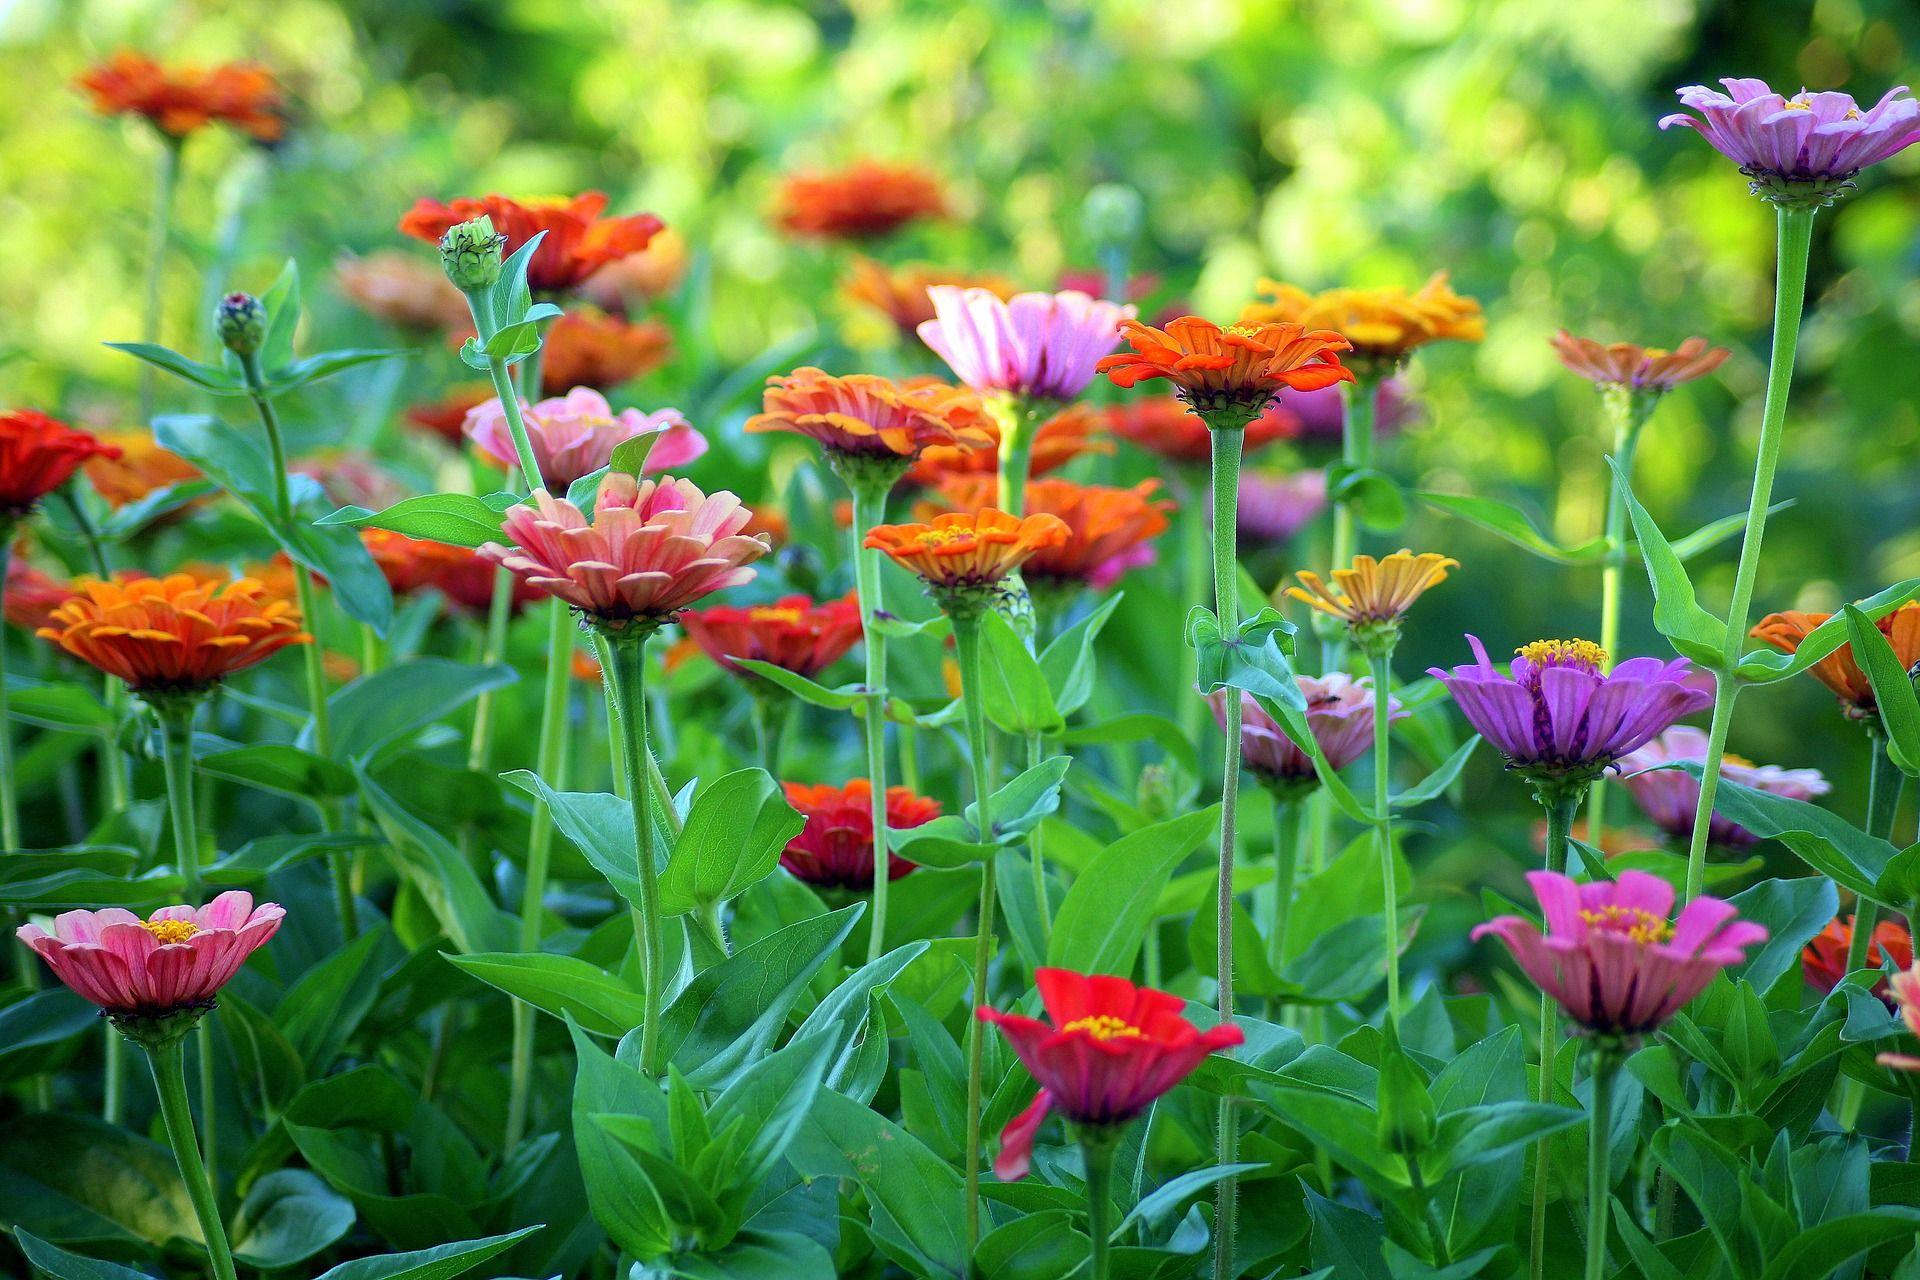 Bunga Punya Warna Warni Yang Indah Ini 3 Penyebab Perbedaan Warnanya Semua Halaman Bobo